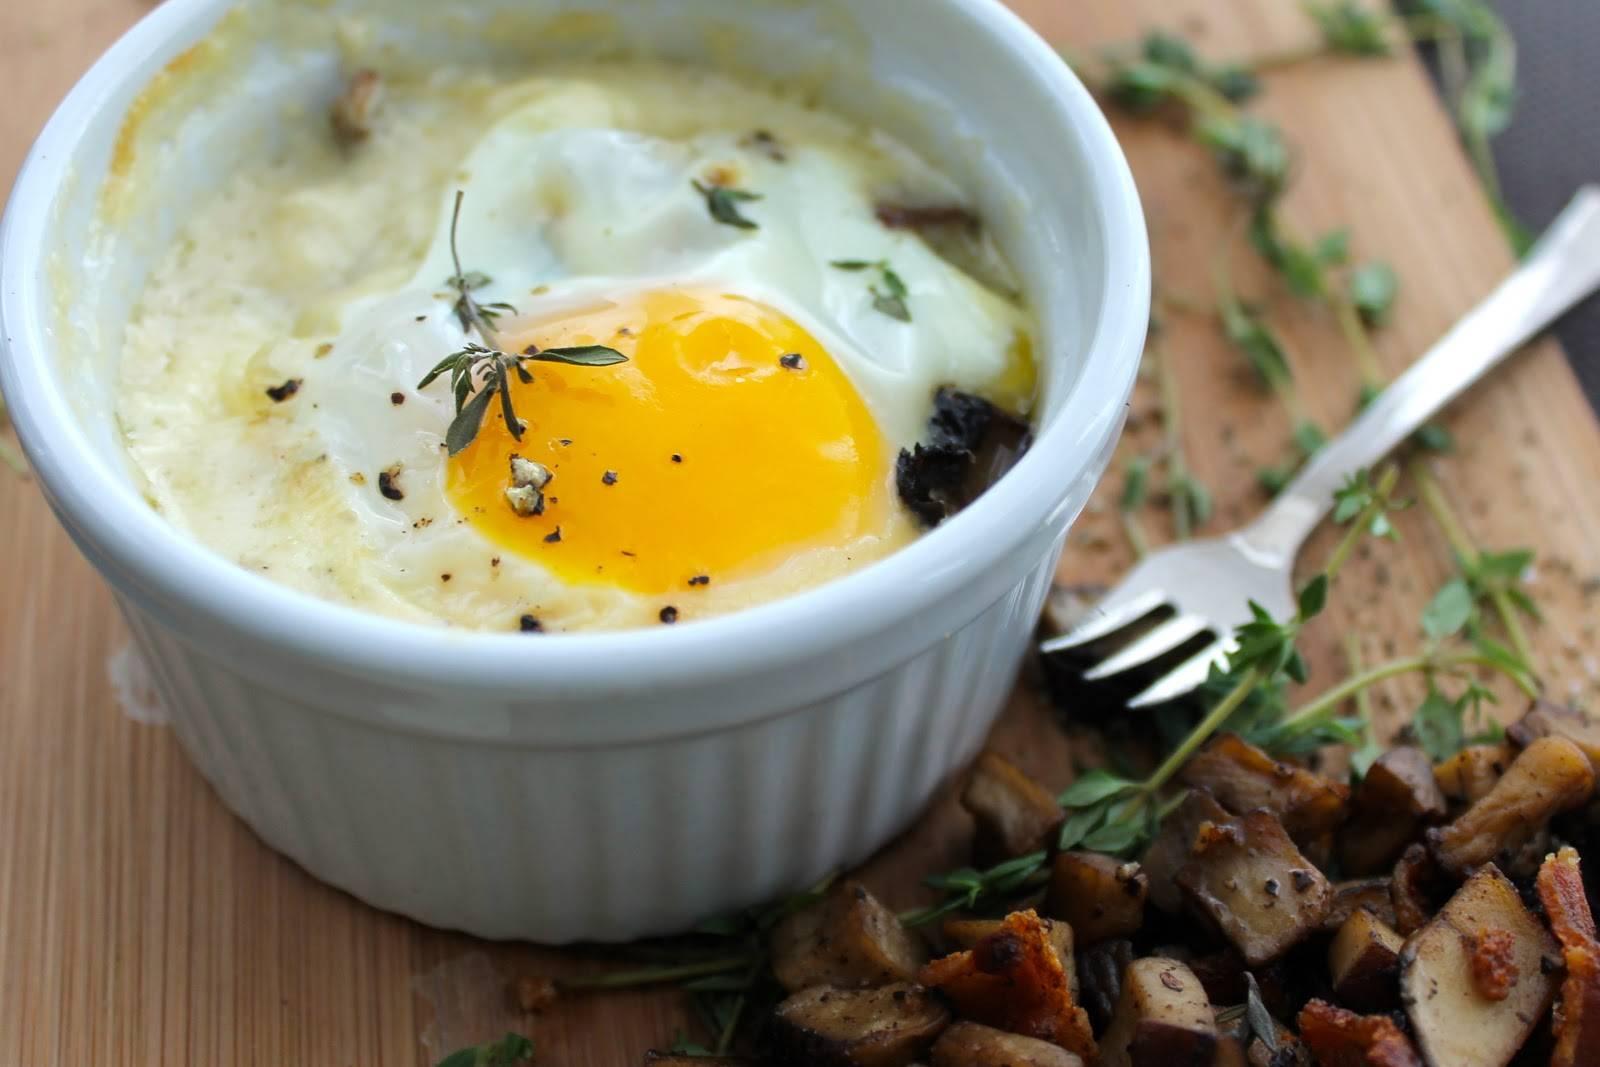 Кофе и яйцо – неожиданный тандем с нежным вкусом